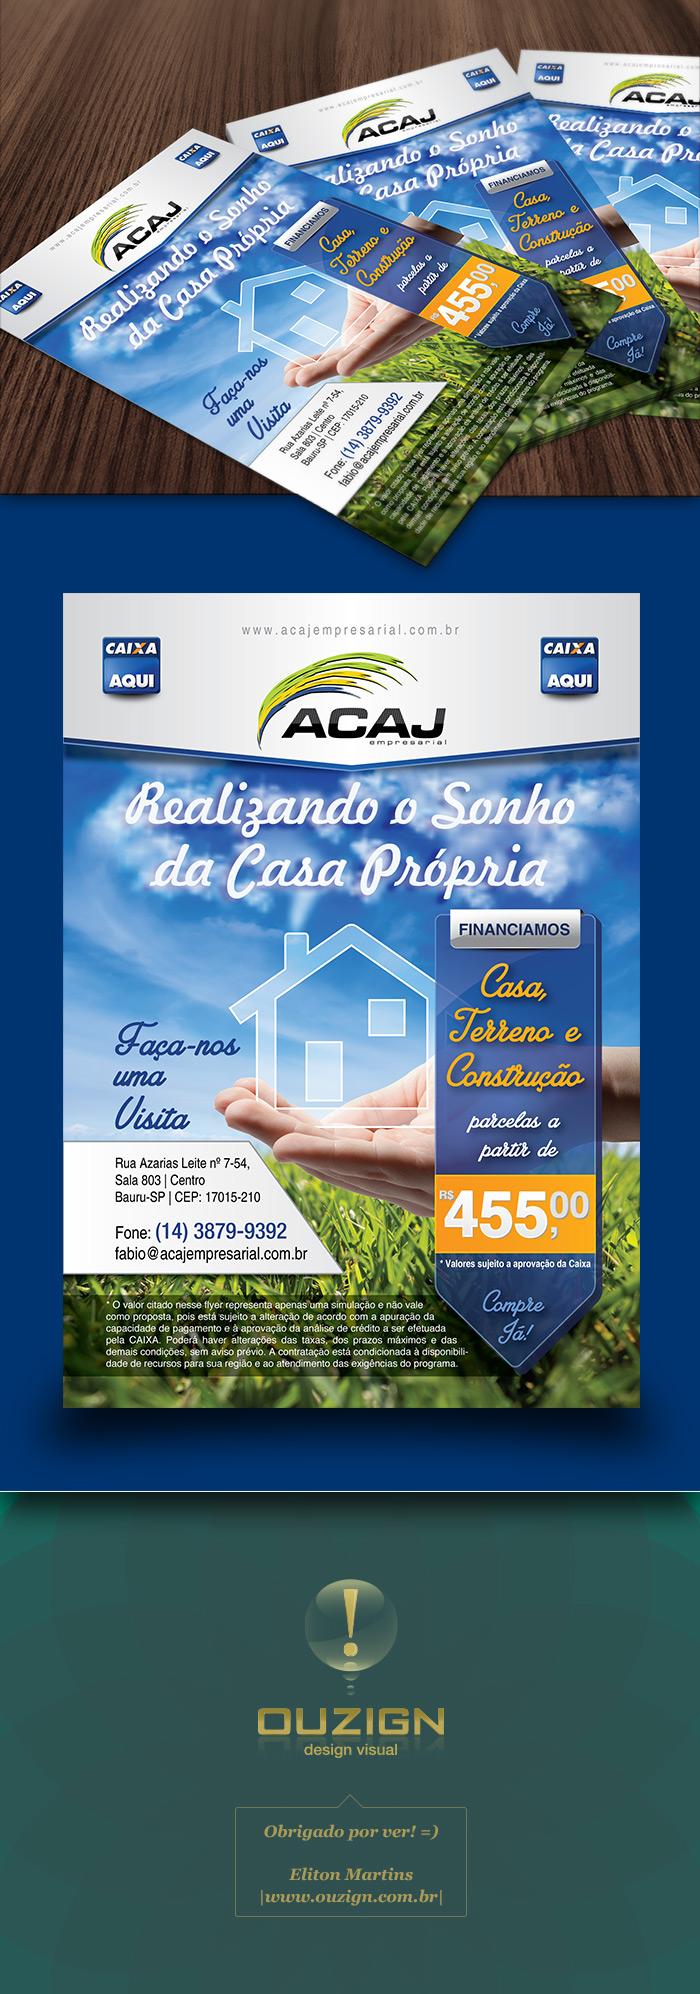 Flyer | ACAJ - Empresarial - 05-2015 (1)